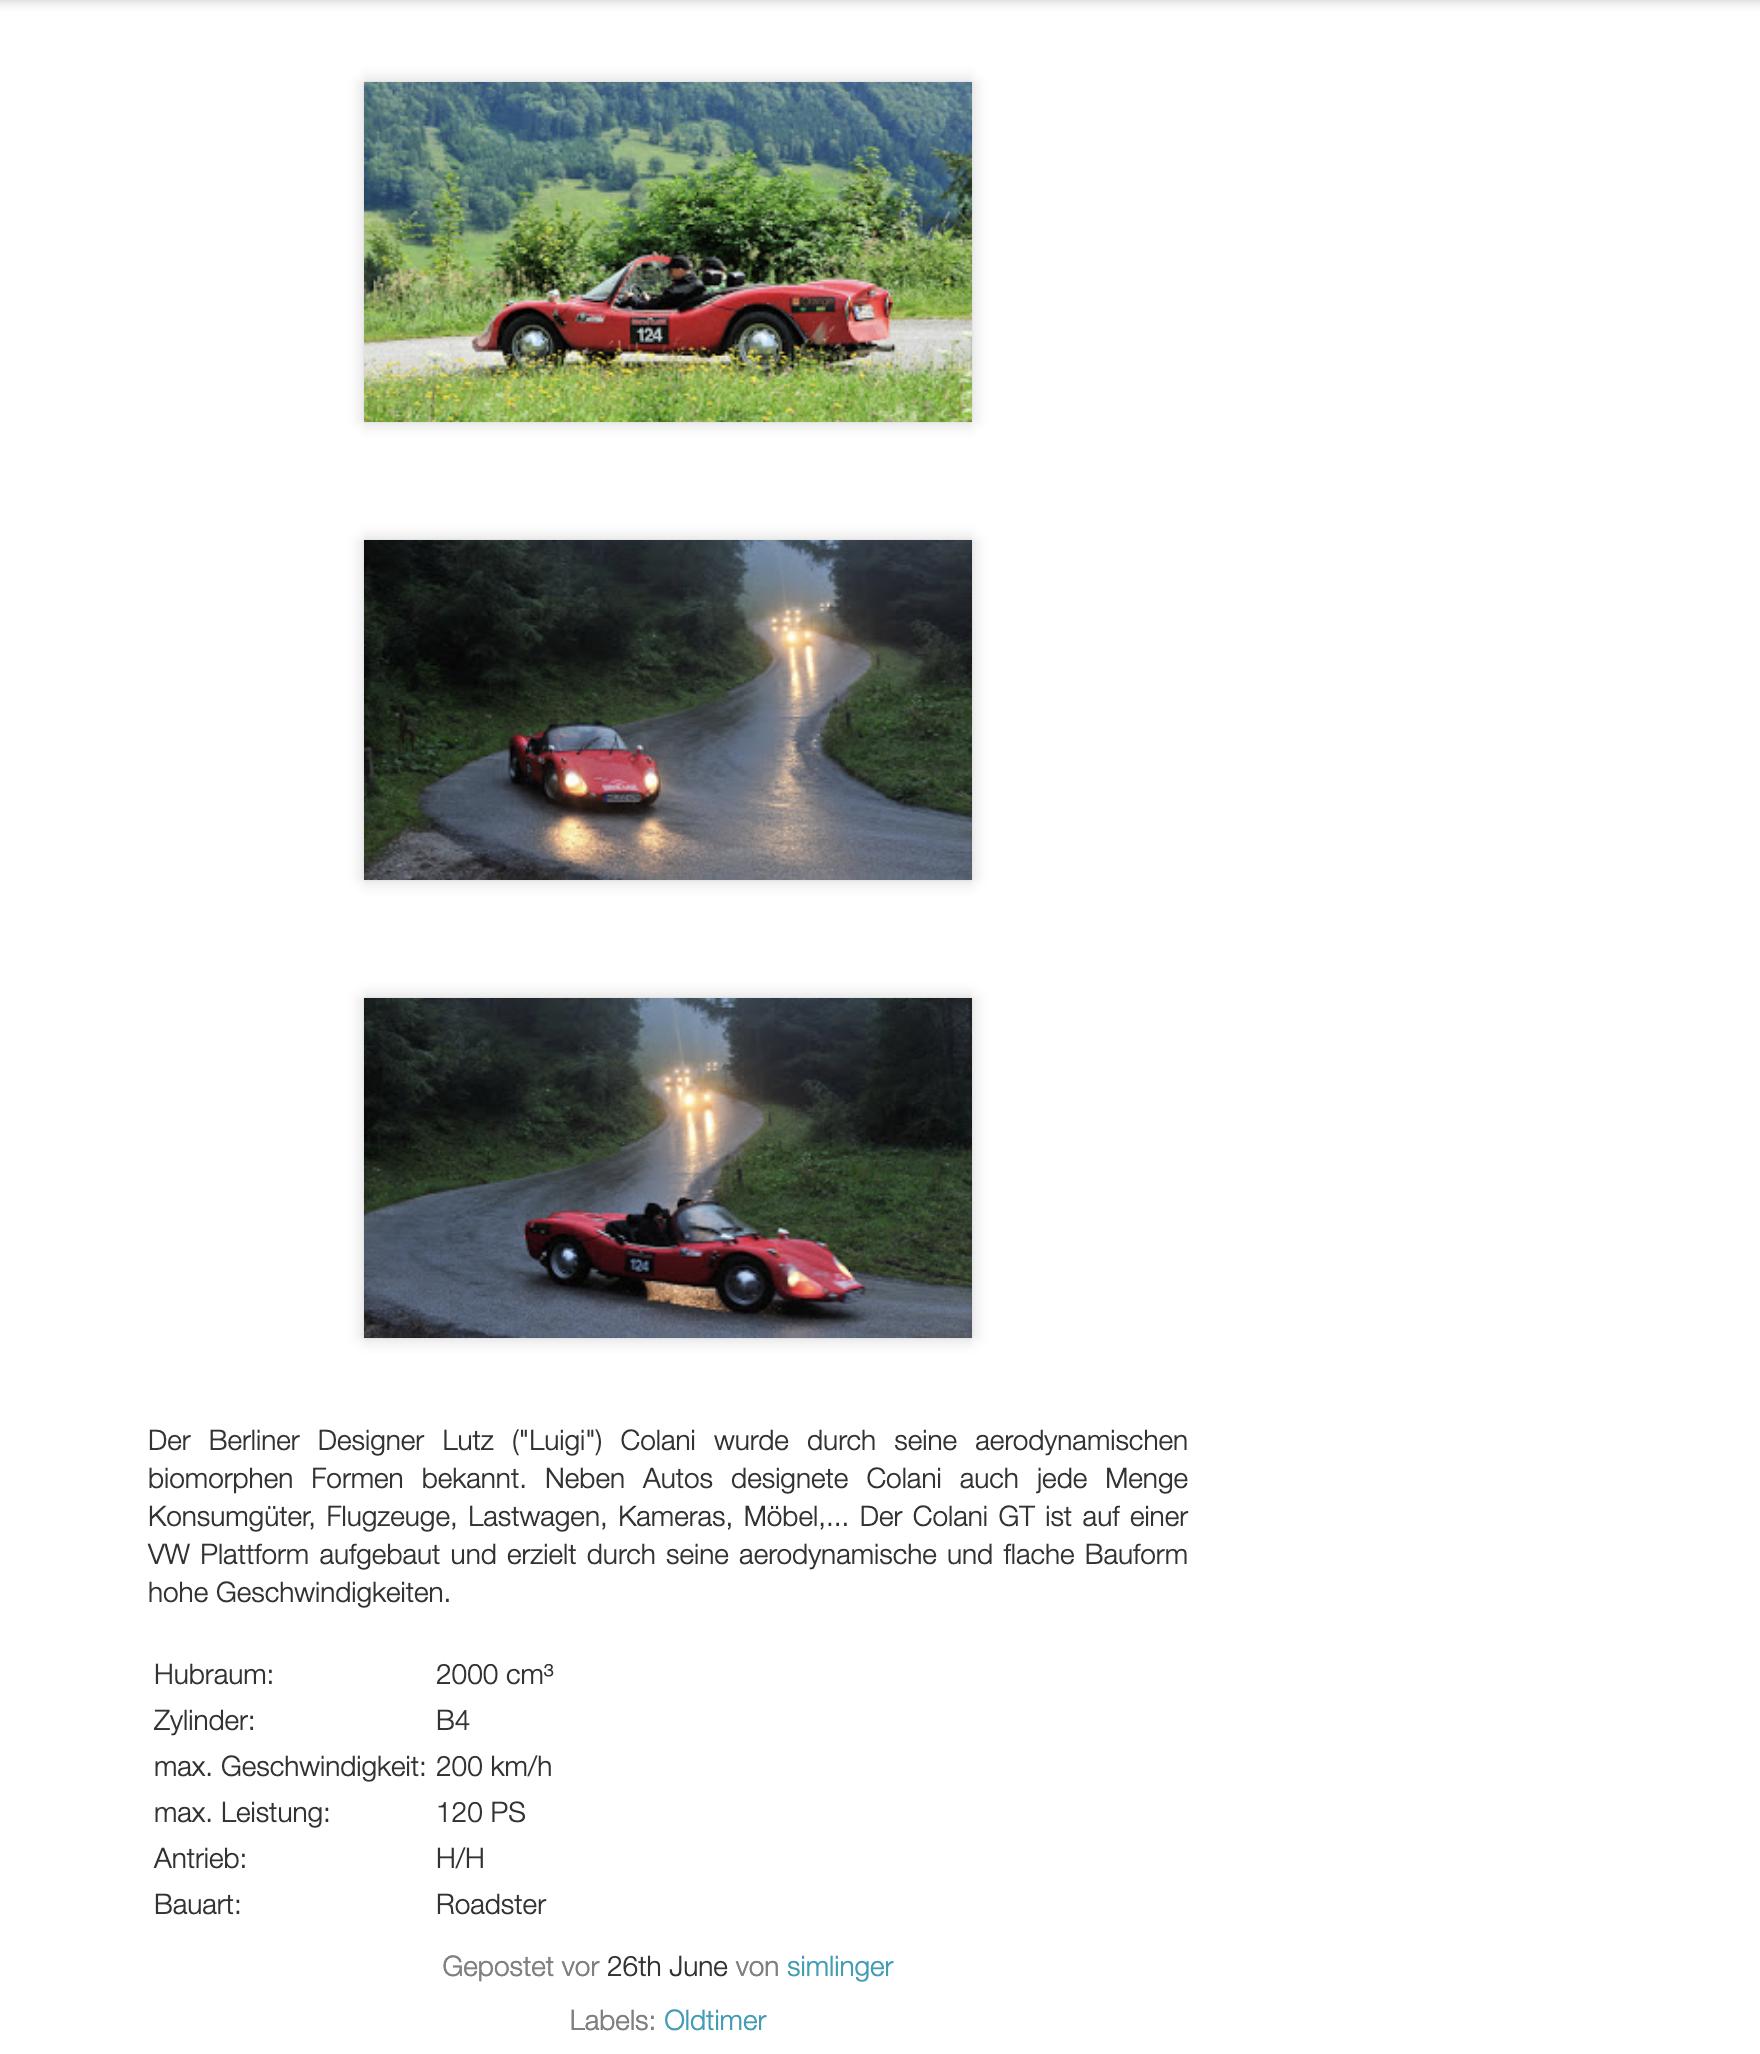 Wolfgang_Simlinger_motorclassic_blogspot_2v2